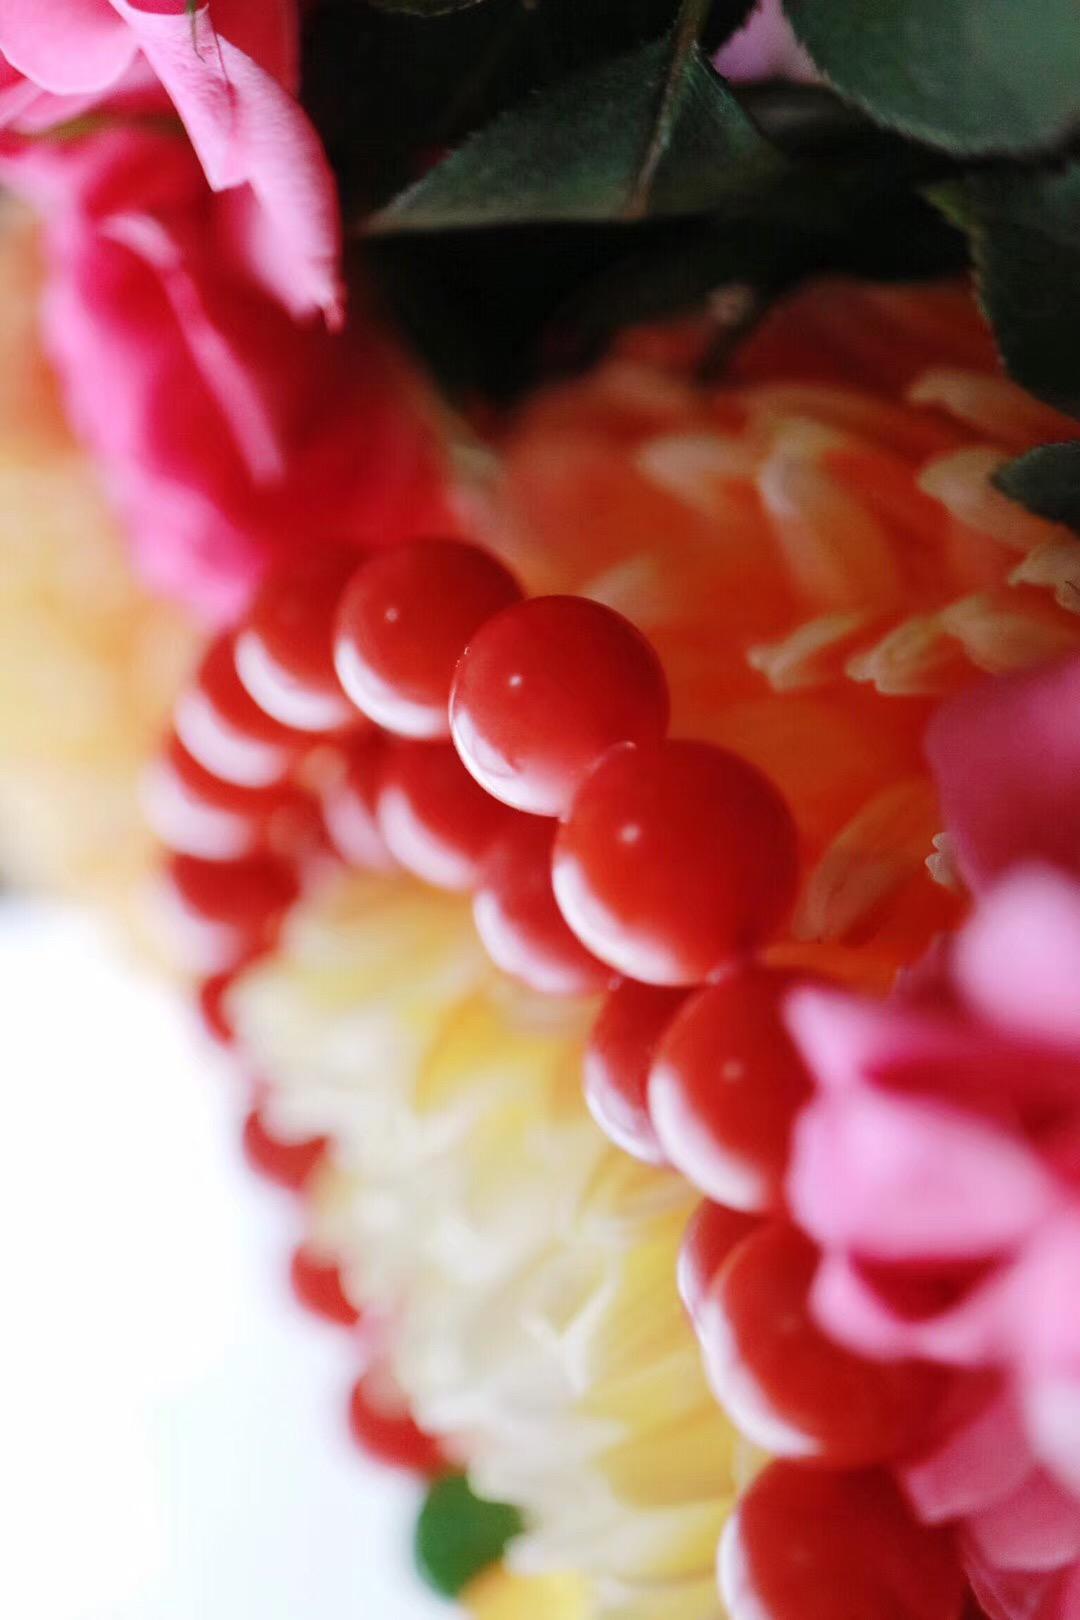 【菩心 | 保山南红】一方南红玉,自有一番风情在心头-菩心晶舍